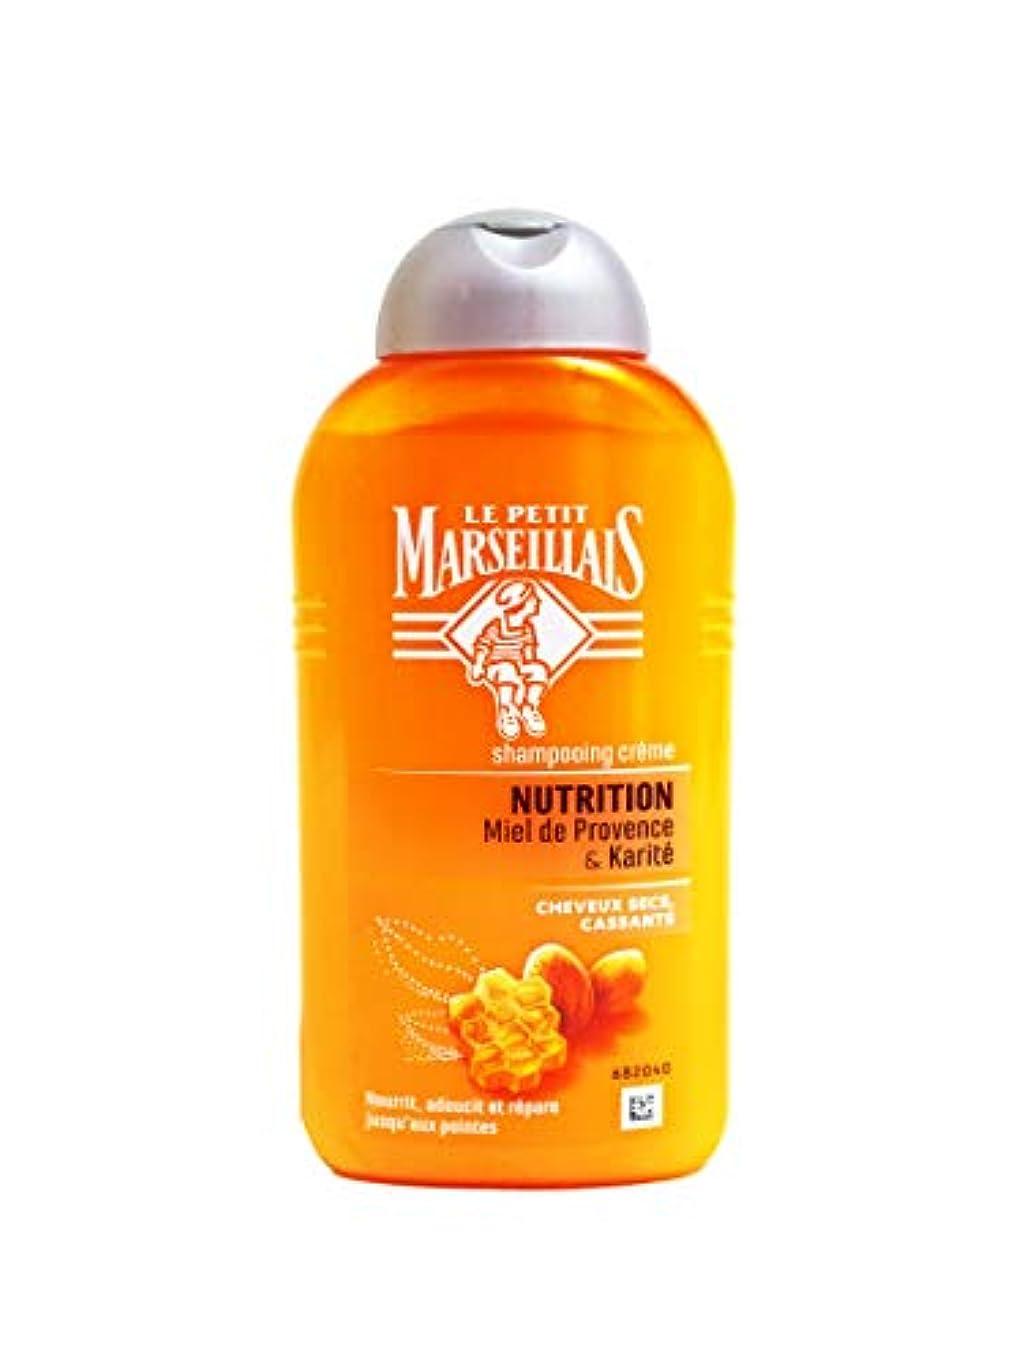 聖なるクスコ黒人Le Petit Marseillais ル プティ マルセイユ、シャンプー栄養、乾いている、傷んでいる、もろい髪、ハチミツシャンプー